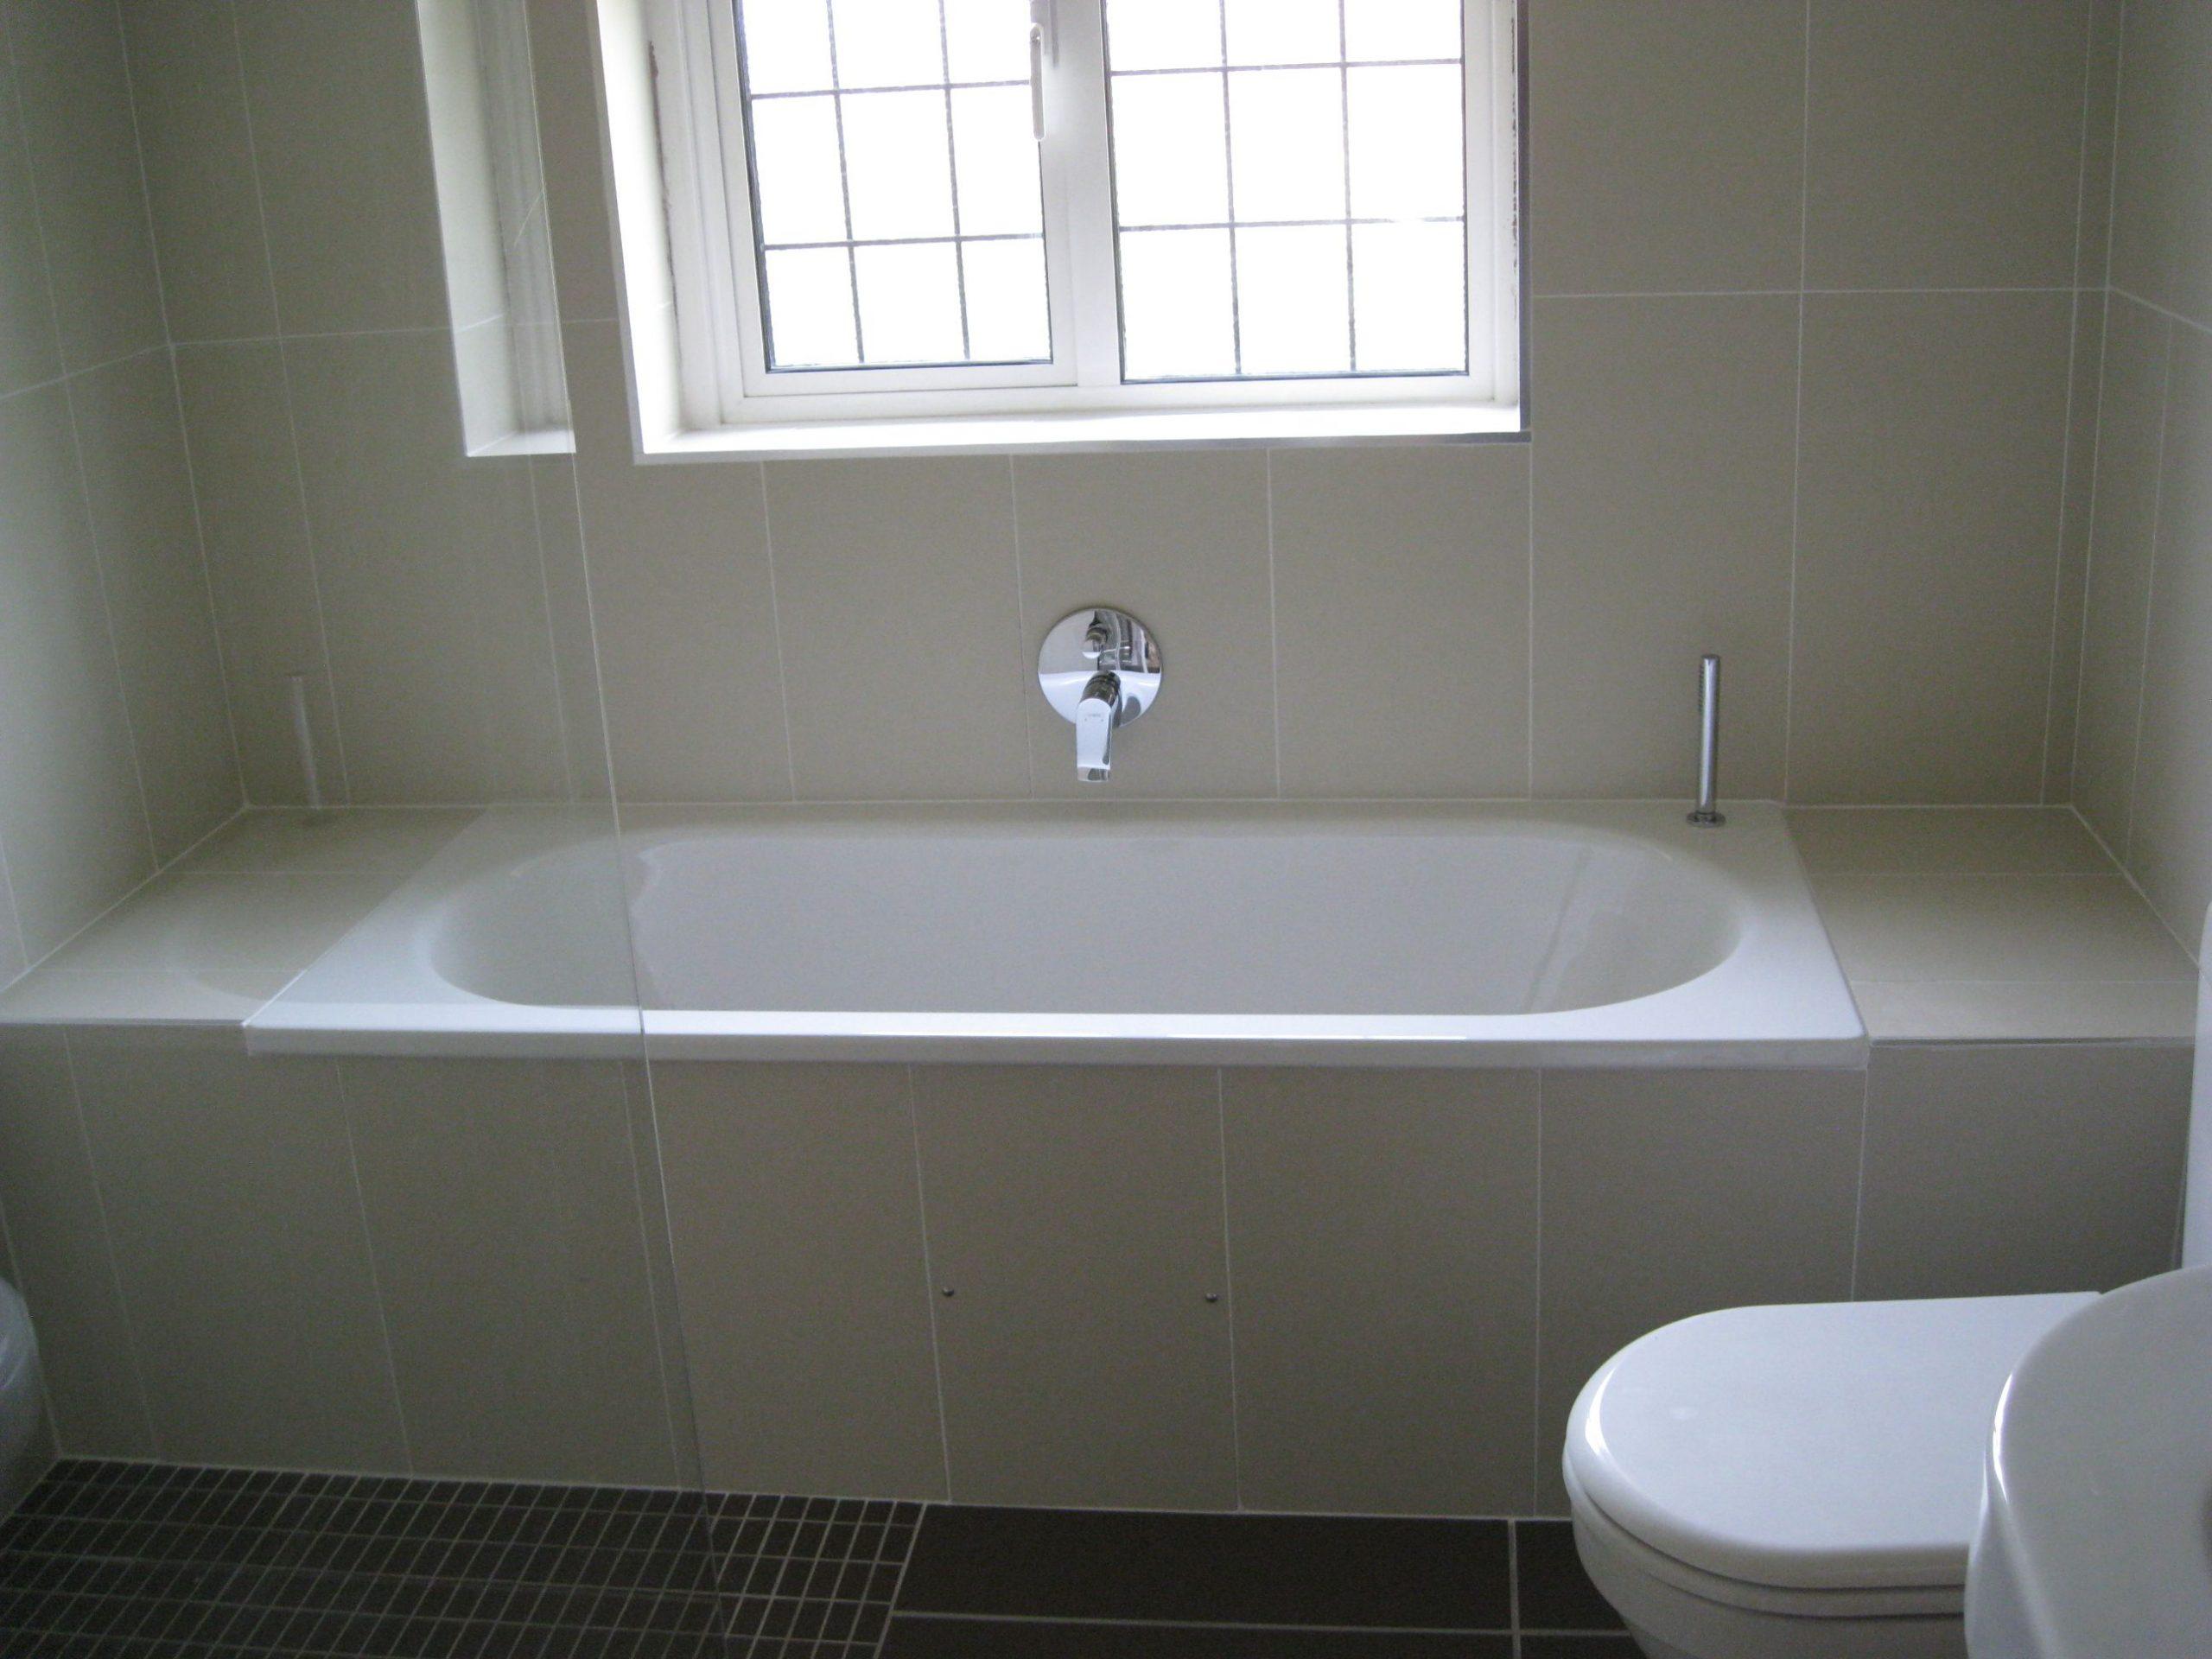 Full Size of Bette Starlet Bath Fitted Wall To Filled By Hansgrohe Metris Oschmann Betten Rauch 180x200 Jugend De Breckle Massivholz Japanische Tempur Hülsta Berlin Bett Bette Starlet